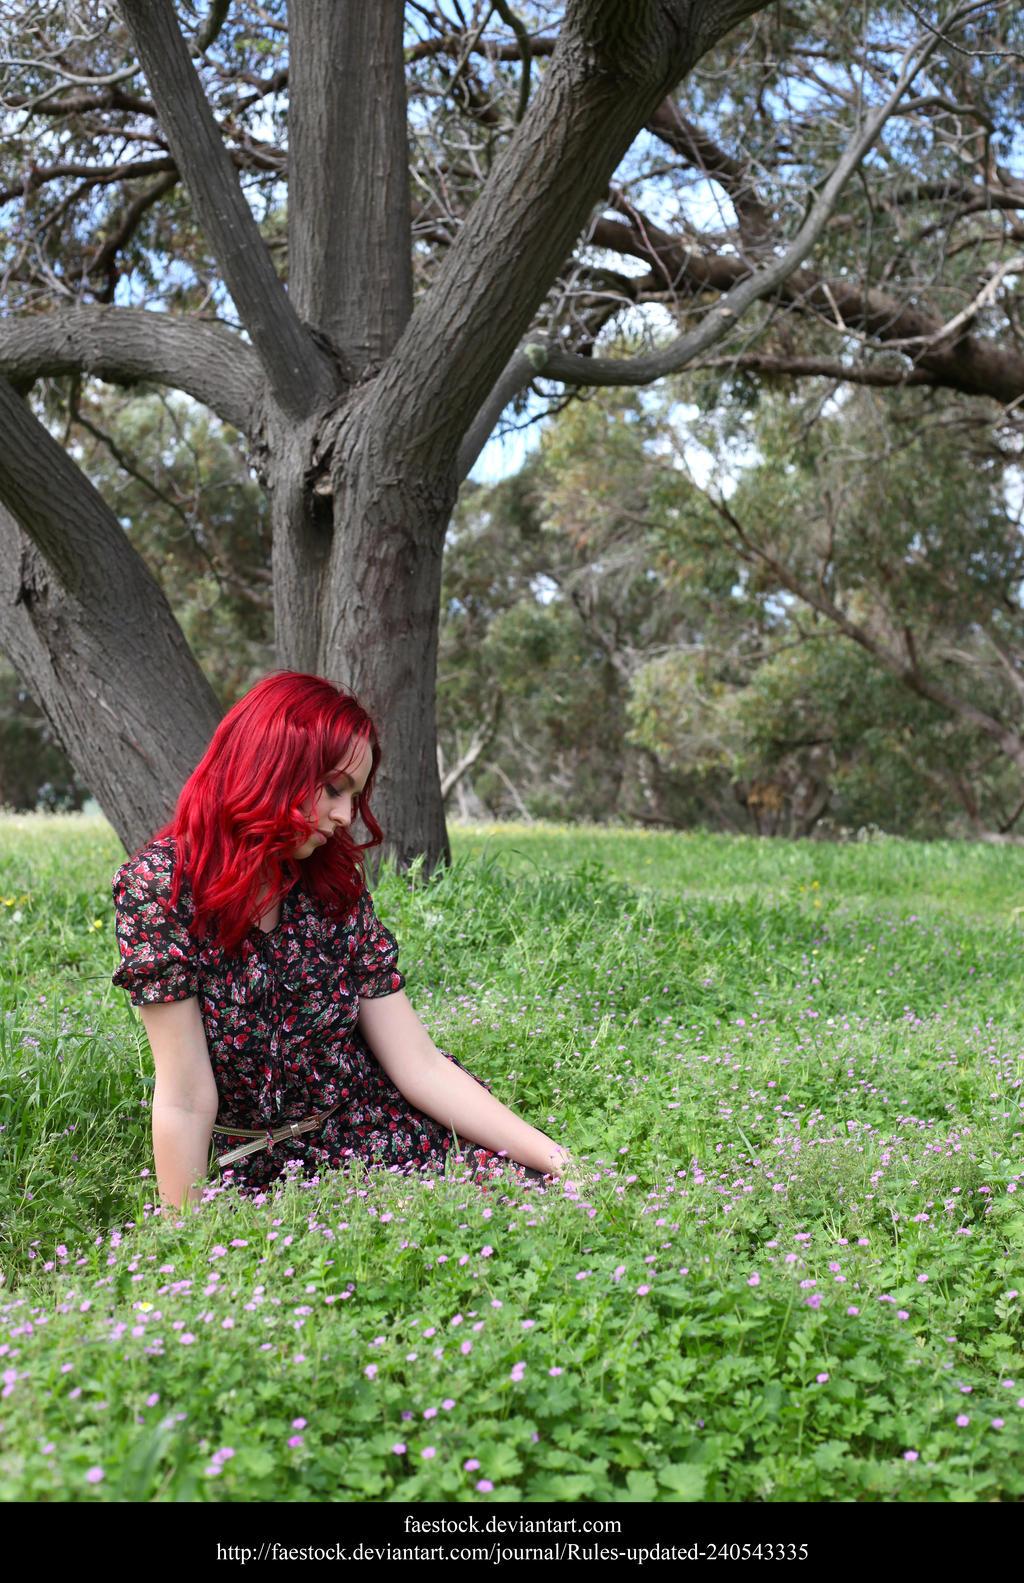 Meadow7 by faestock